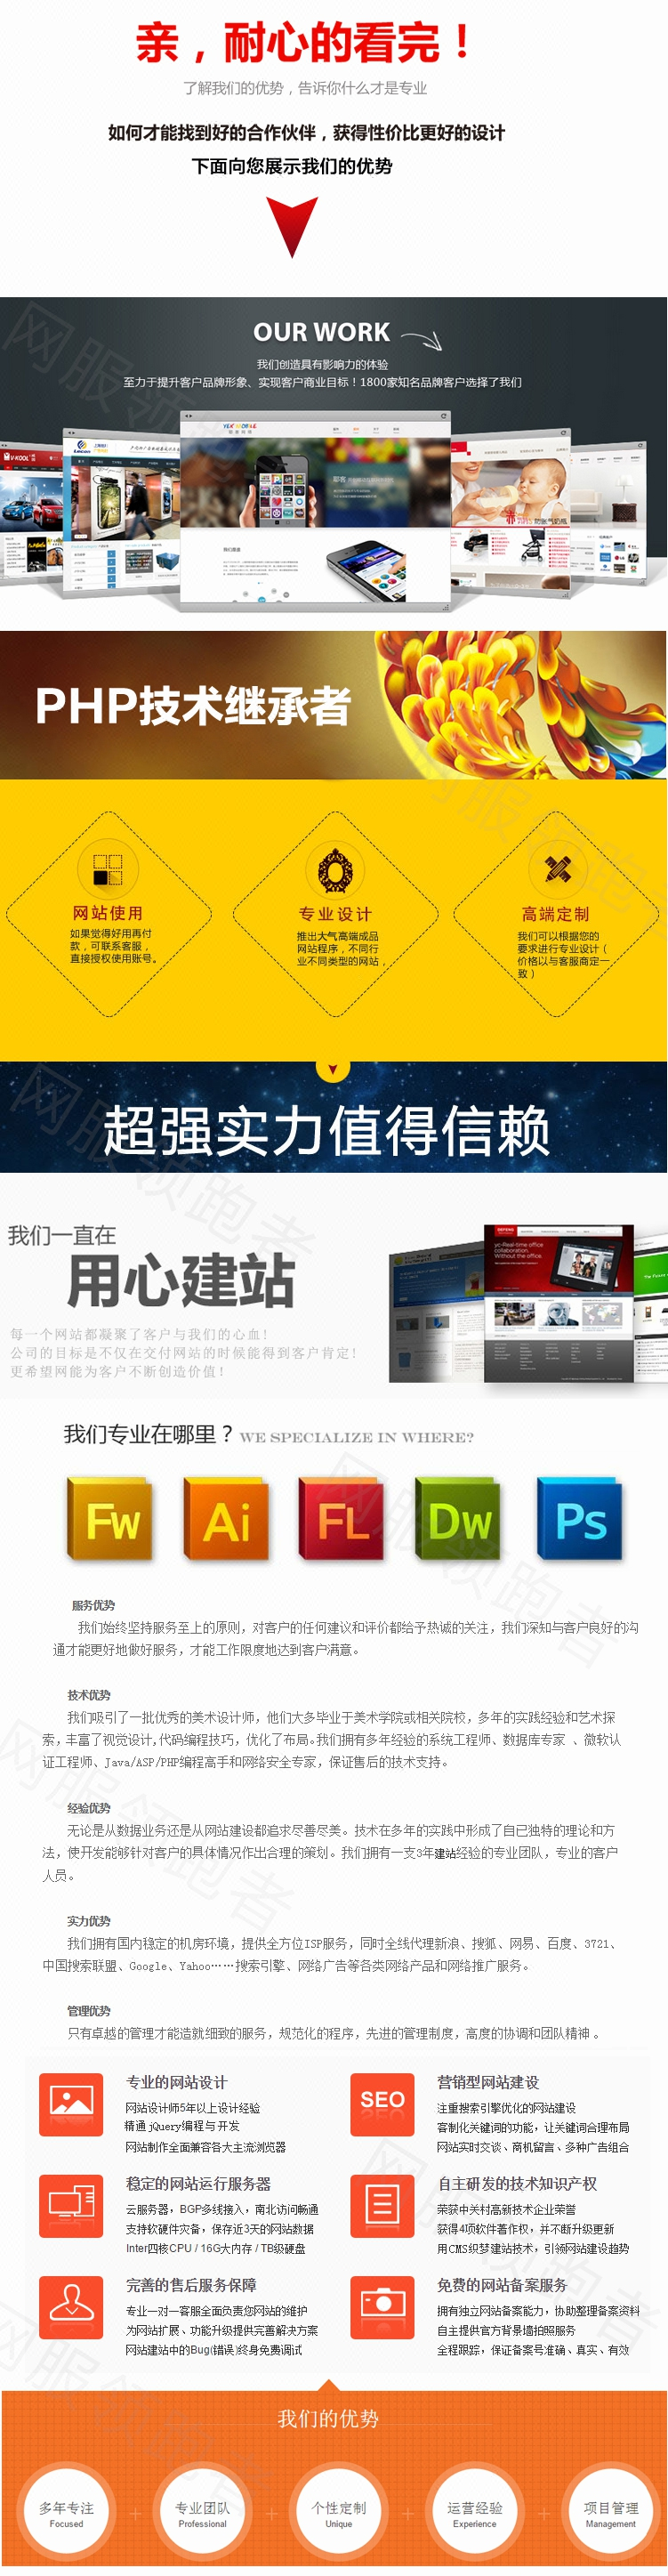 企业模板网站_企业网站建设制作 DEDE织梦模板修改参考仿站 网站二次开发3